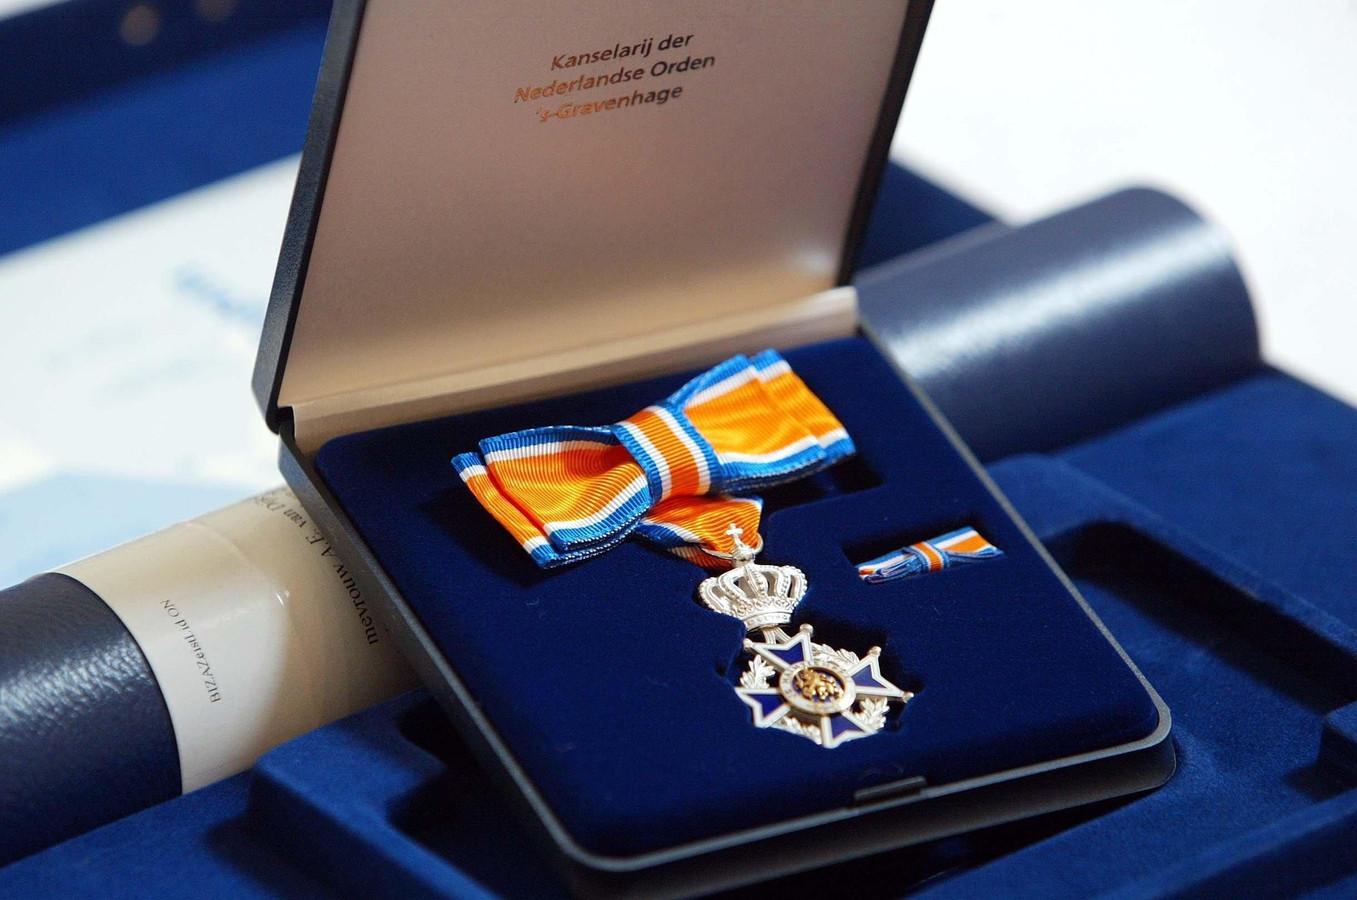 Een koninklijke onderscheiding, behorend bij de Orde van Oranje-Nassau. (Archieffoto).